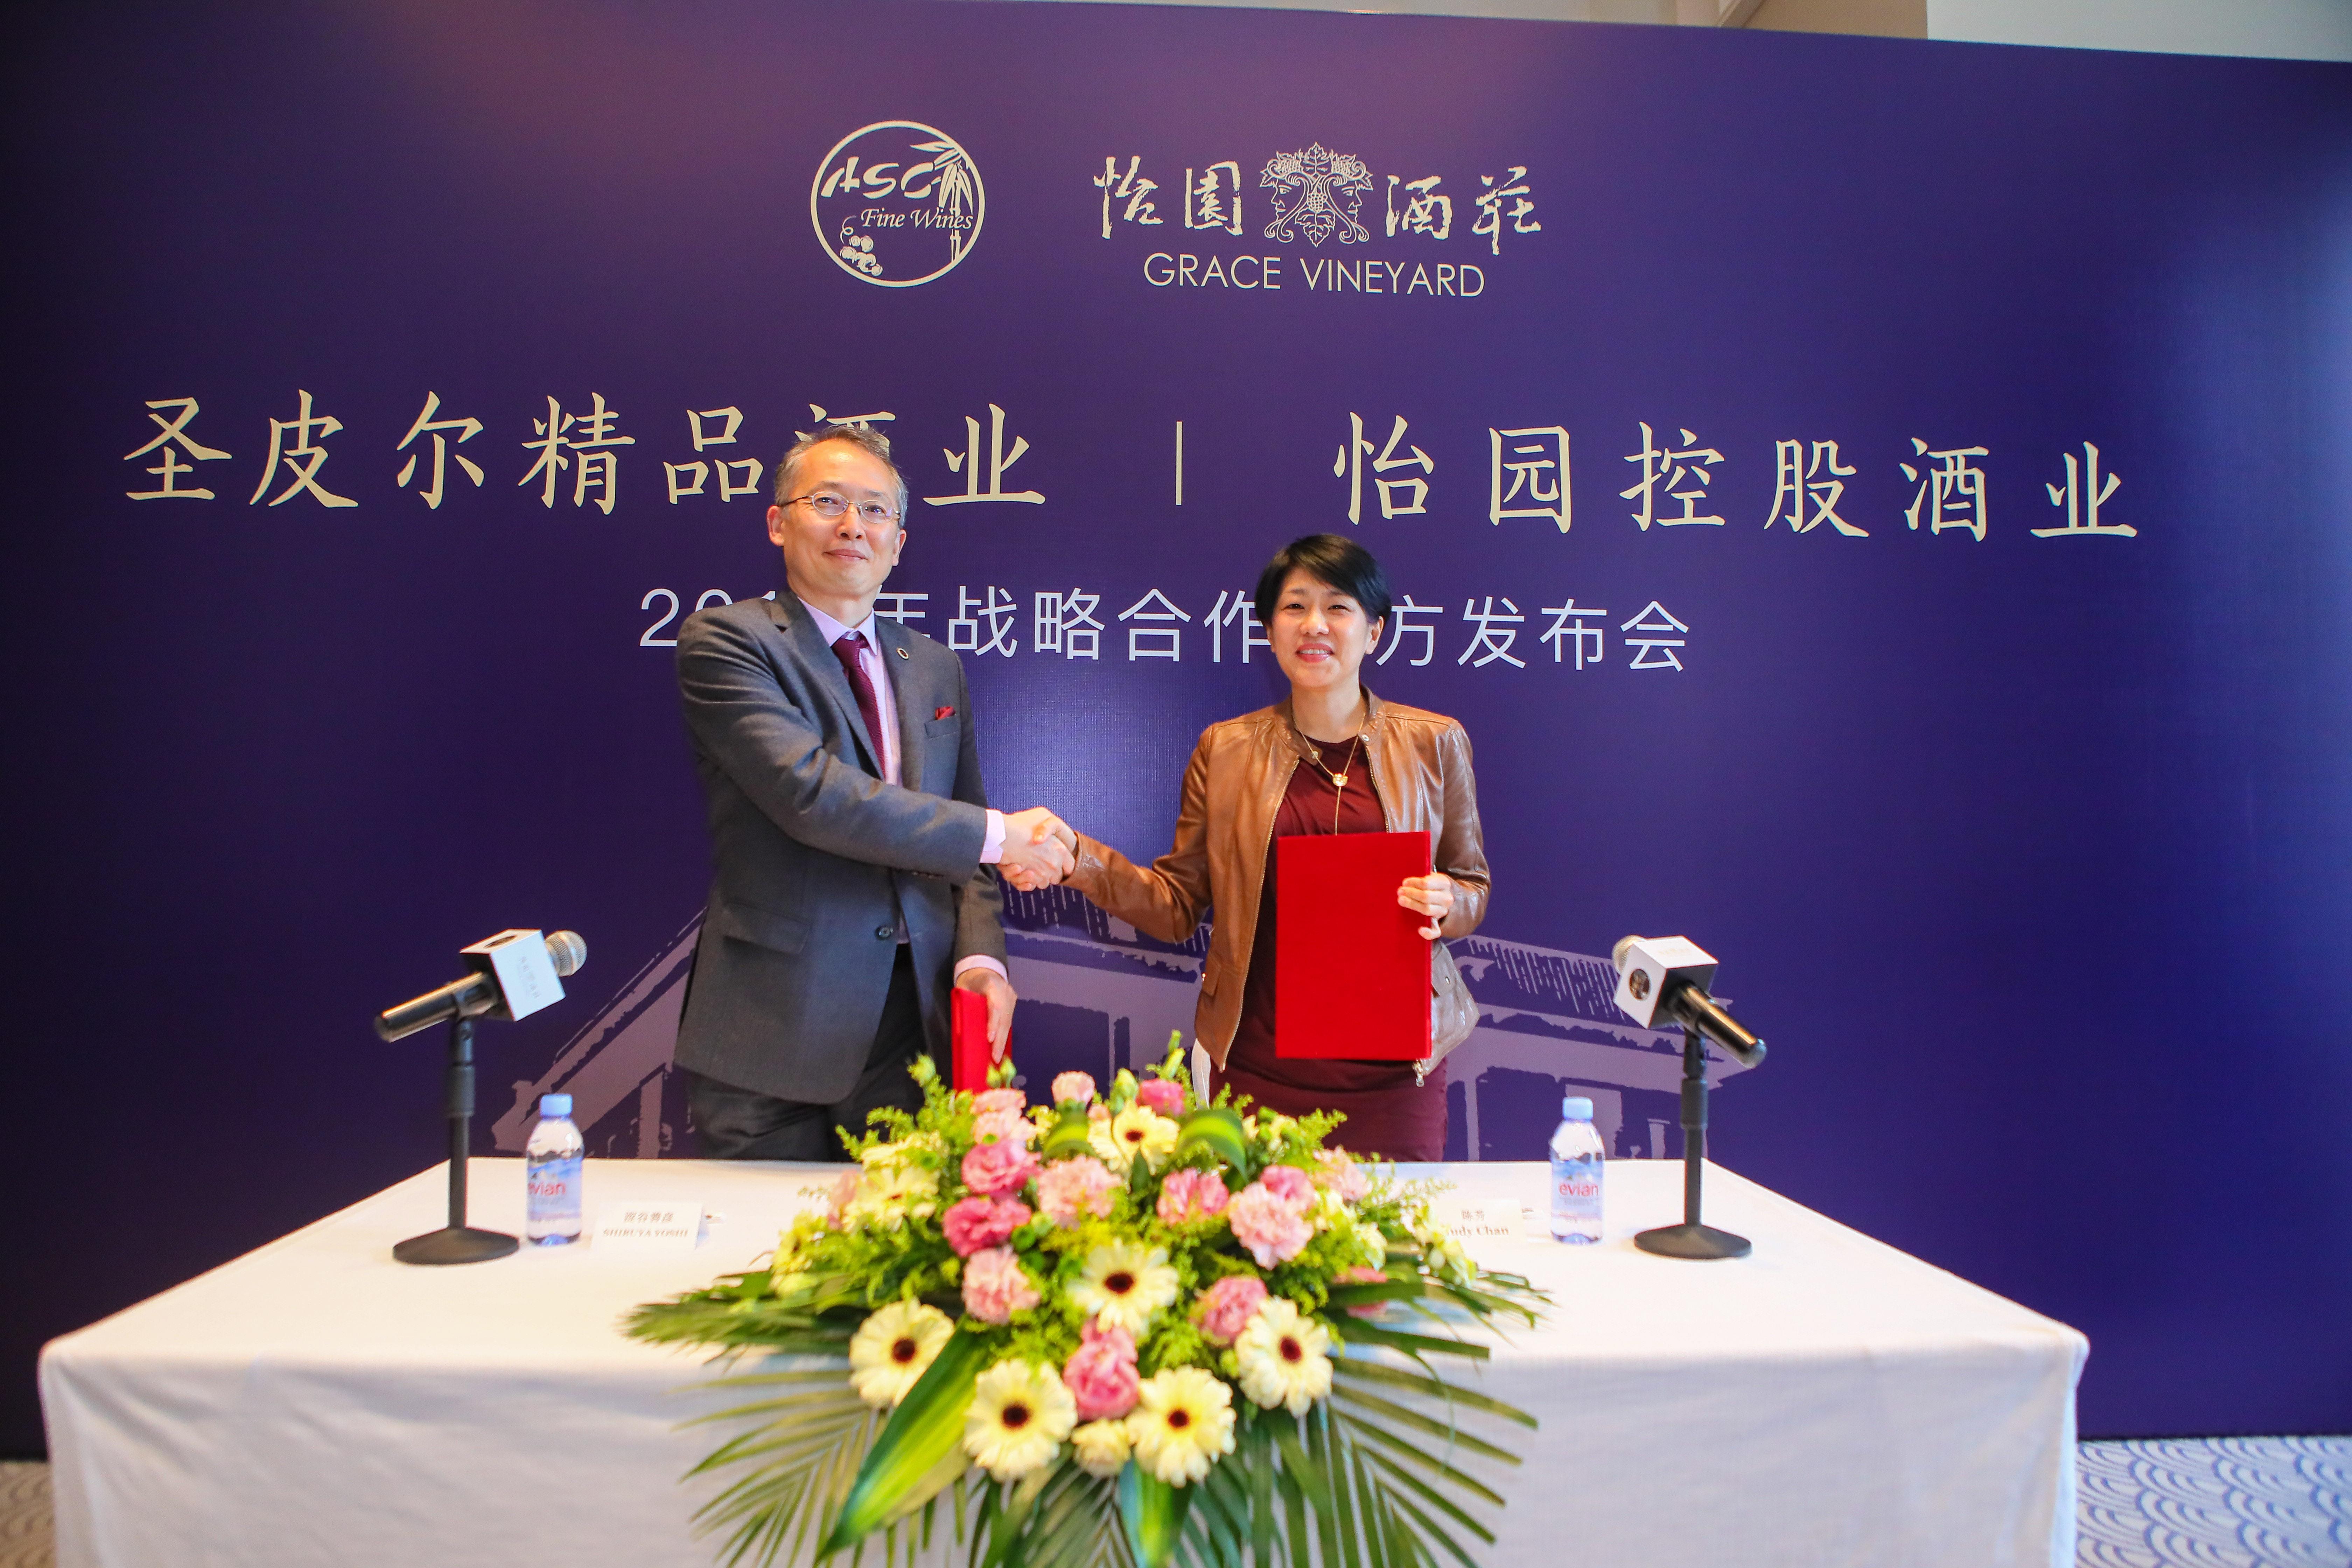 ASC精品酒业获得宾三得利大中华地区经销权,与怡园酒庄宣布进一步战略合作!